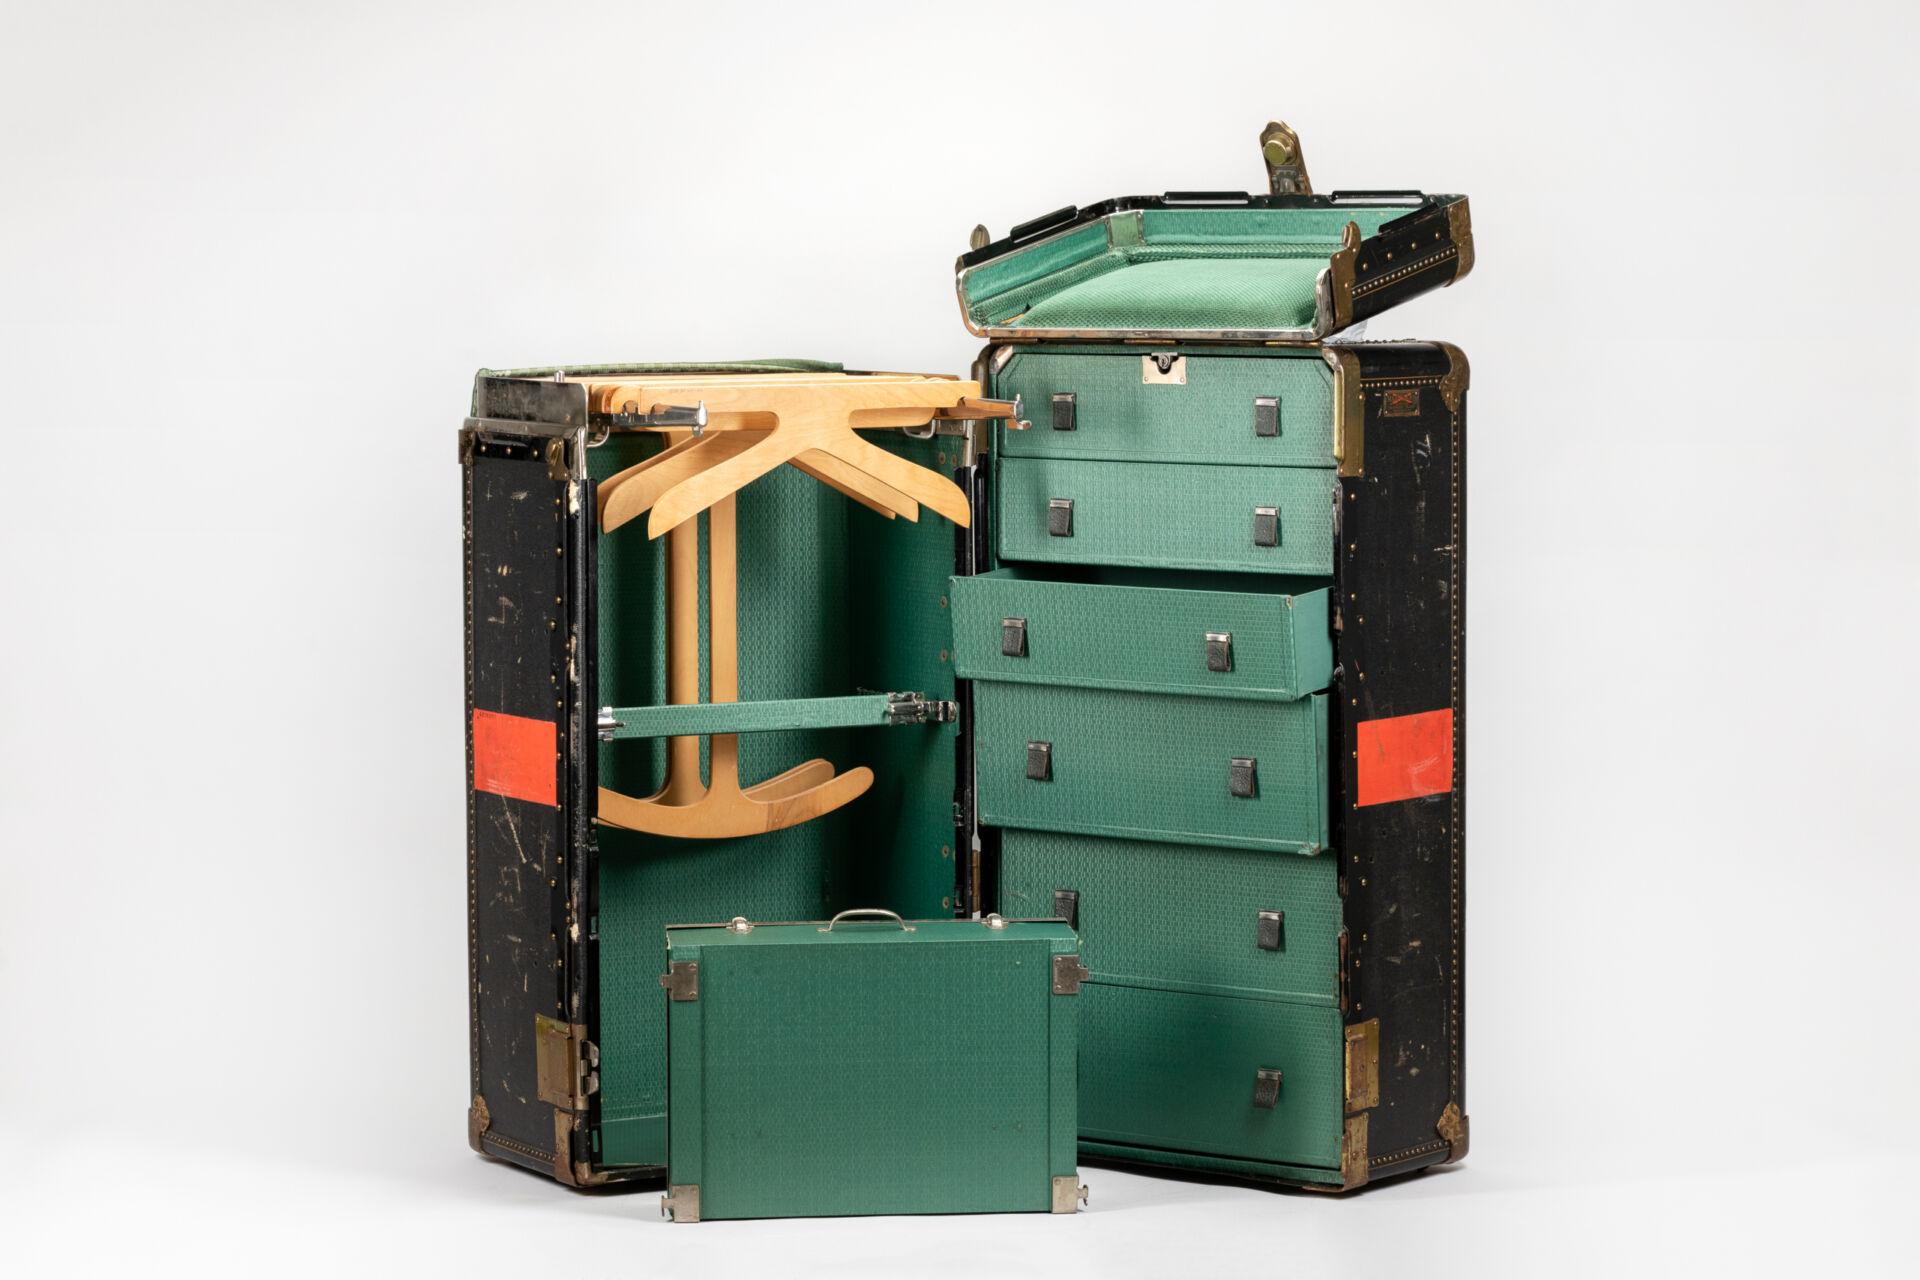 En grön Amerikakoffert på glänt. Utsidan är sliten med bortskrapad färg. Kofferten innehåller en mängd lådor och galgar.